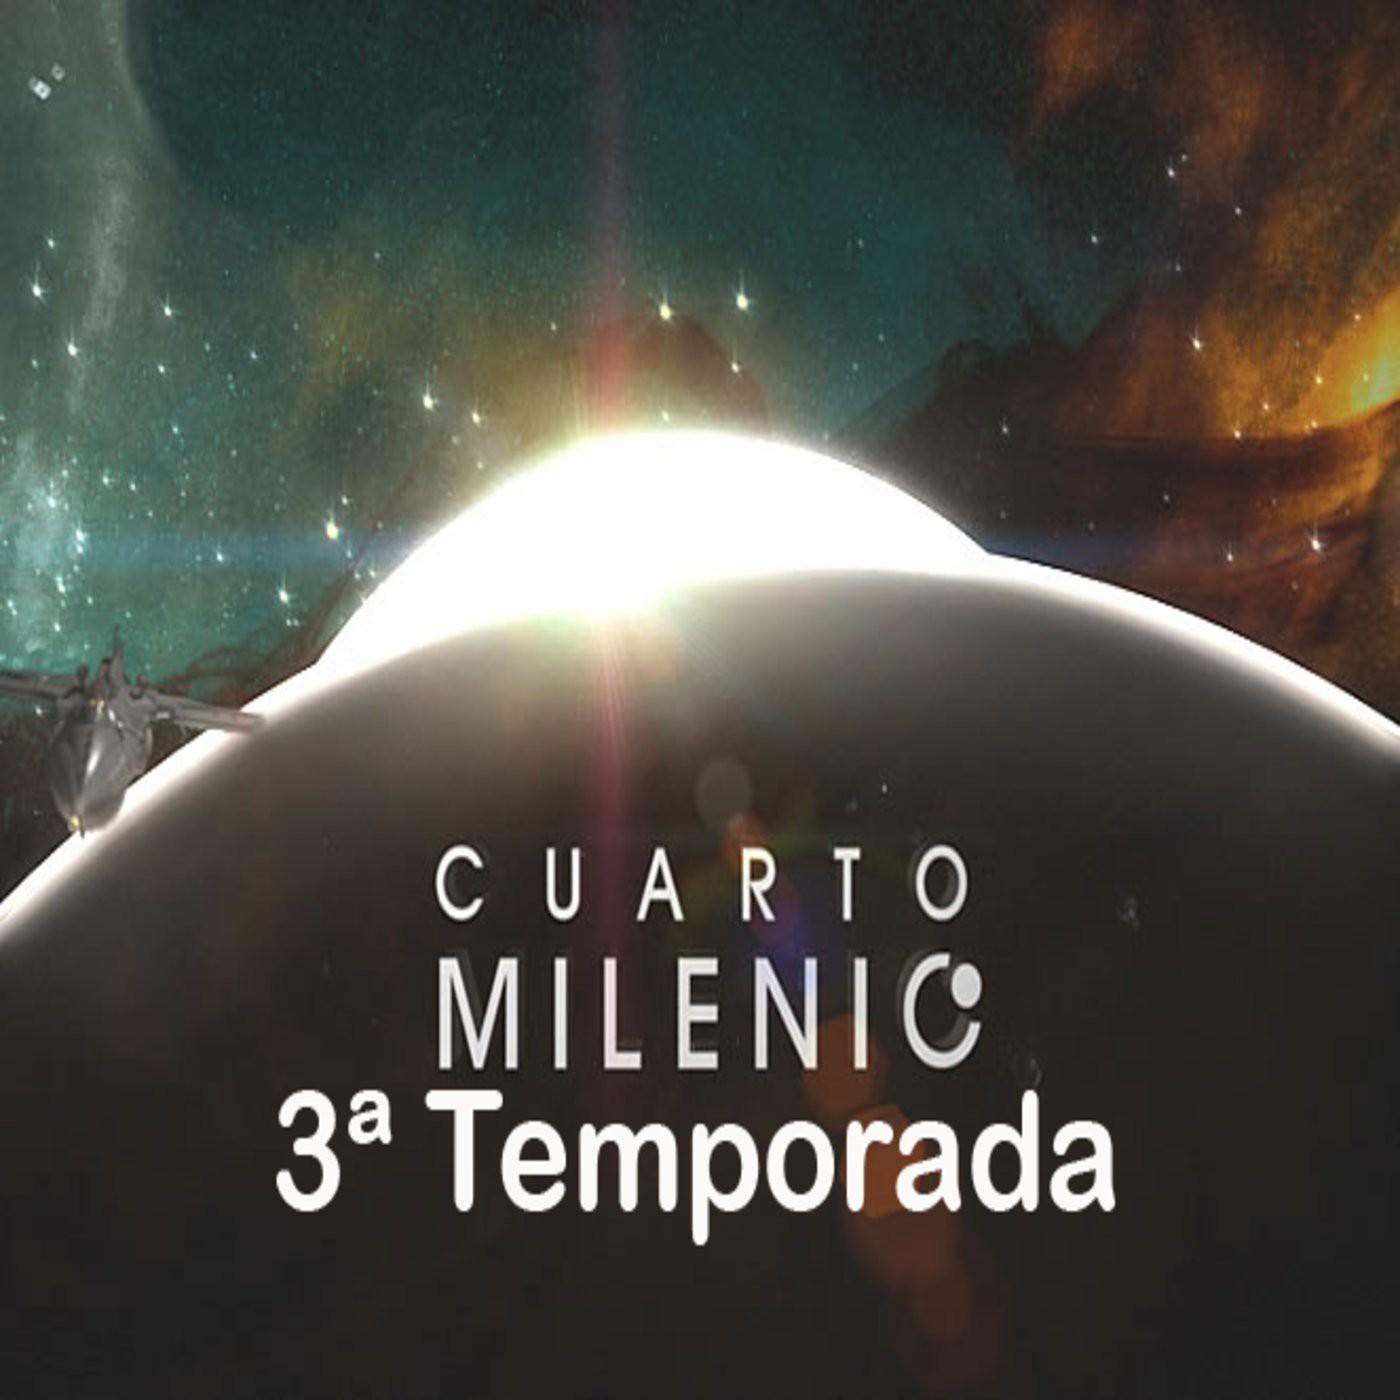 Cuarto milenio temporada 3 programa 11 el t nel del for Cuarto milenio programas